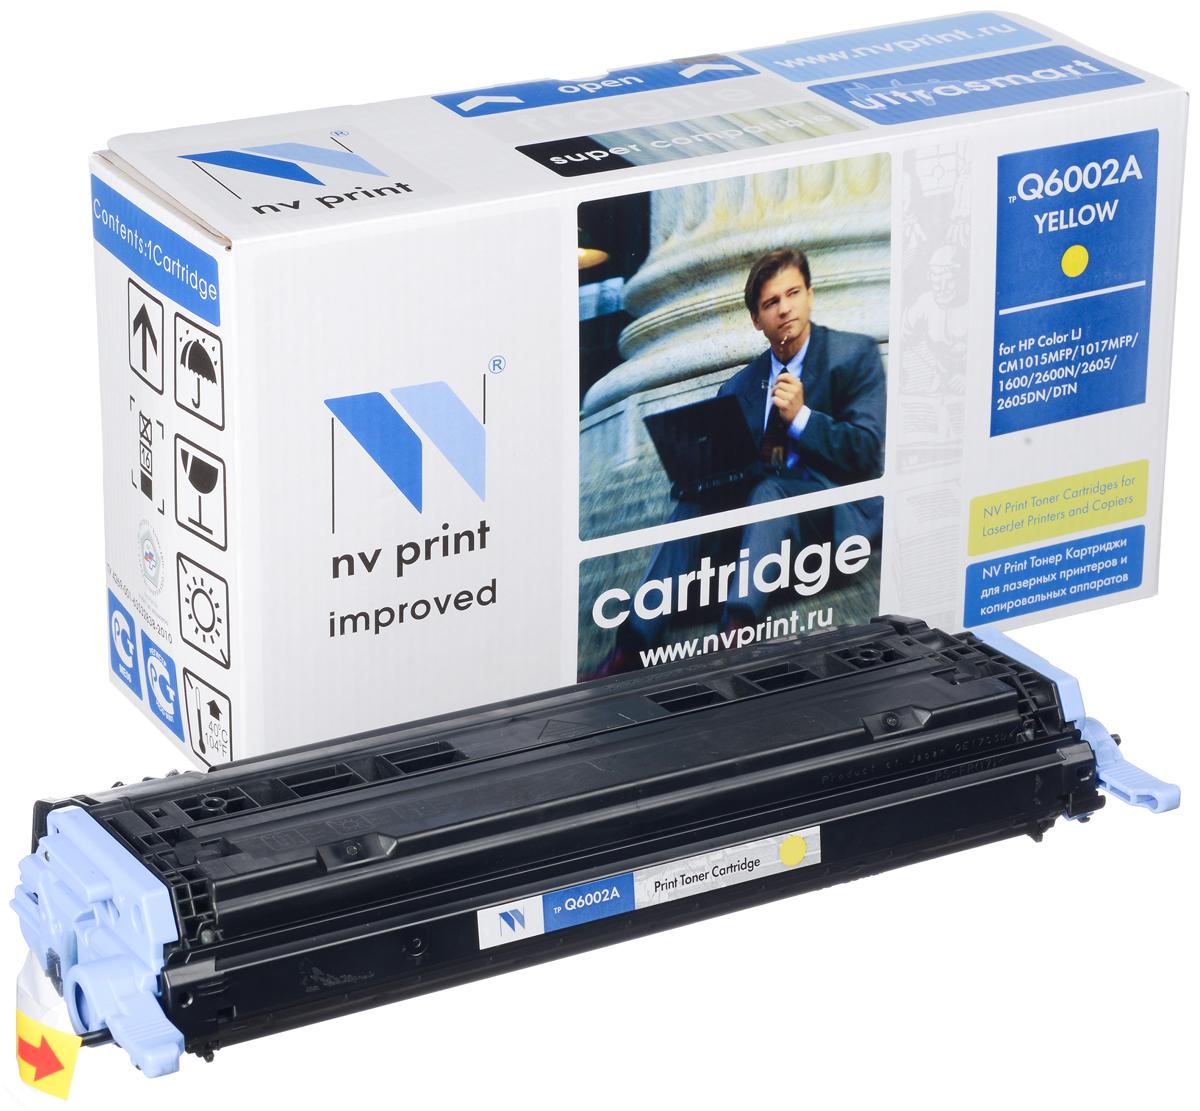 NV Print Q6002A/CAN707Y, Yellow тонер-картридж для HP Color LaserJet CM1015MFP/CM1017MFP/1600/2600N/2605/Canon LBP 5000NV-Q6002A/CAN707YСовместимый лазерный картридж NV Print Q6002A/CAN707Y для печатающих устройств HP и Canon - это альтернатива приобретению оригинальных расходных материалов. При этом качество печати остается высоким. Картридж обеспечивает повышенную чёткость и плавность переходов оттенков цвета и полутонов, позволяет отображать мельчайшие детали изображения. Лазерные принтеры, копировальные аппараты и МФУ являются более выгодными в печати, чем струйные устройства, так как лазерных картриджей хватает на значительно большее количество отпечатков, чем обычных. Для печати в данном случае используются не чернила, а тонер.